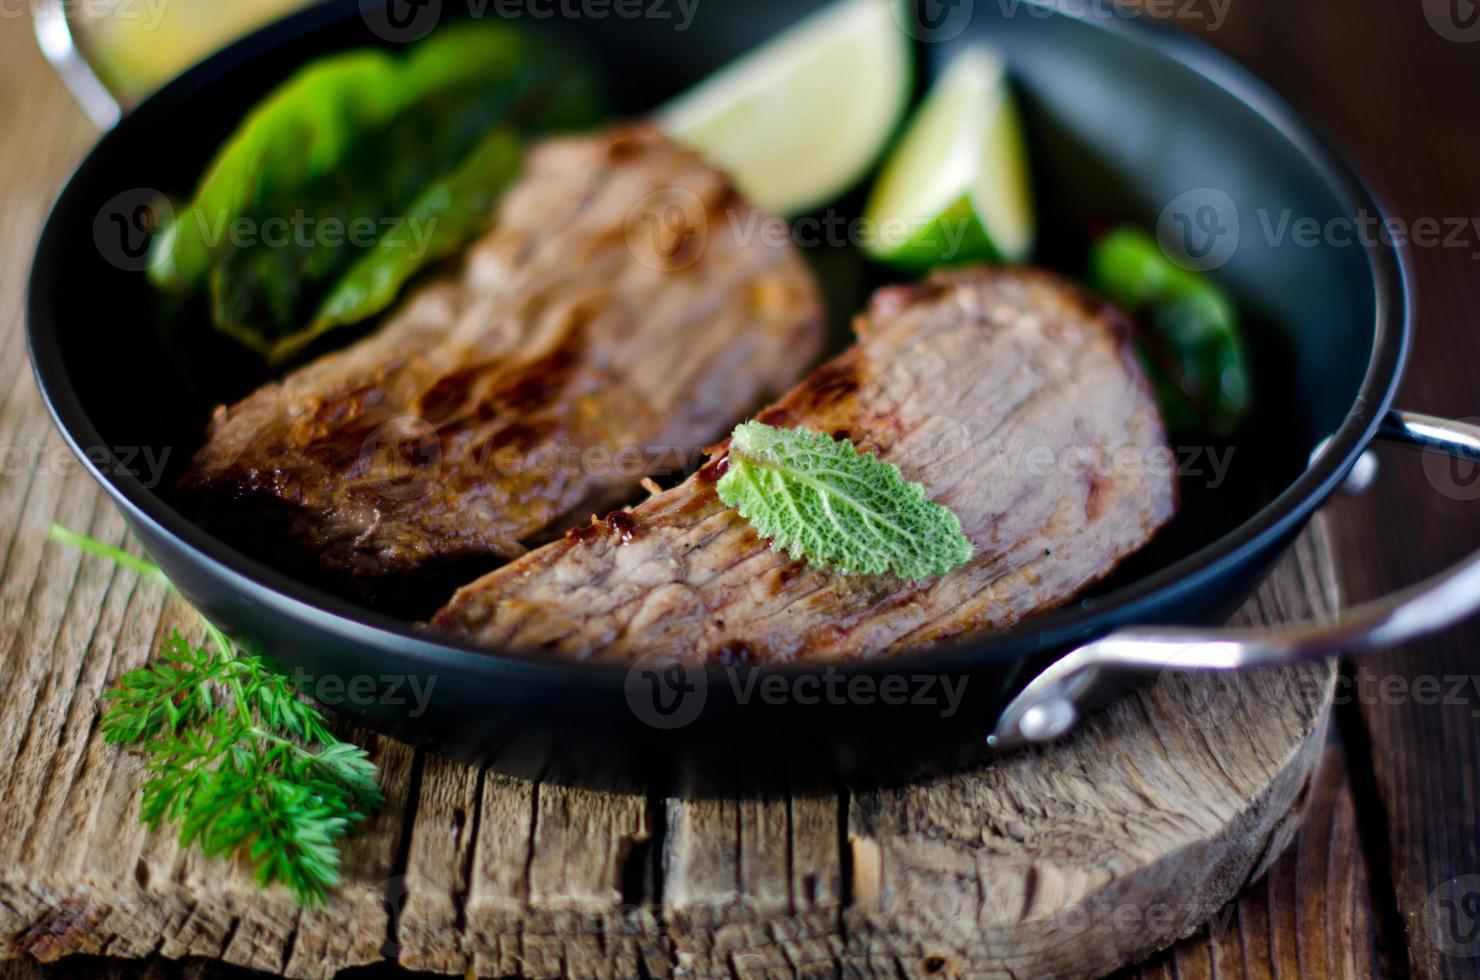 viande cuite aux herbes photo